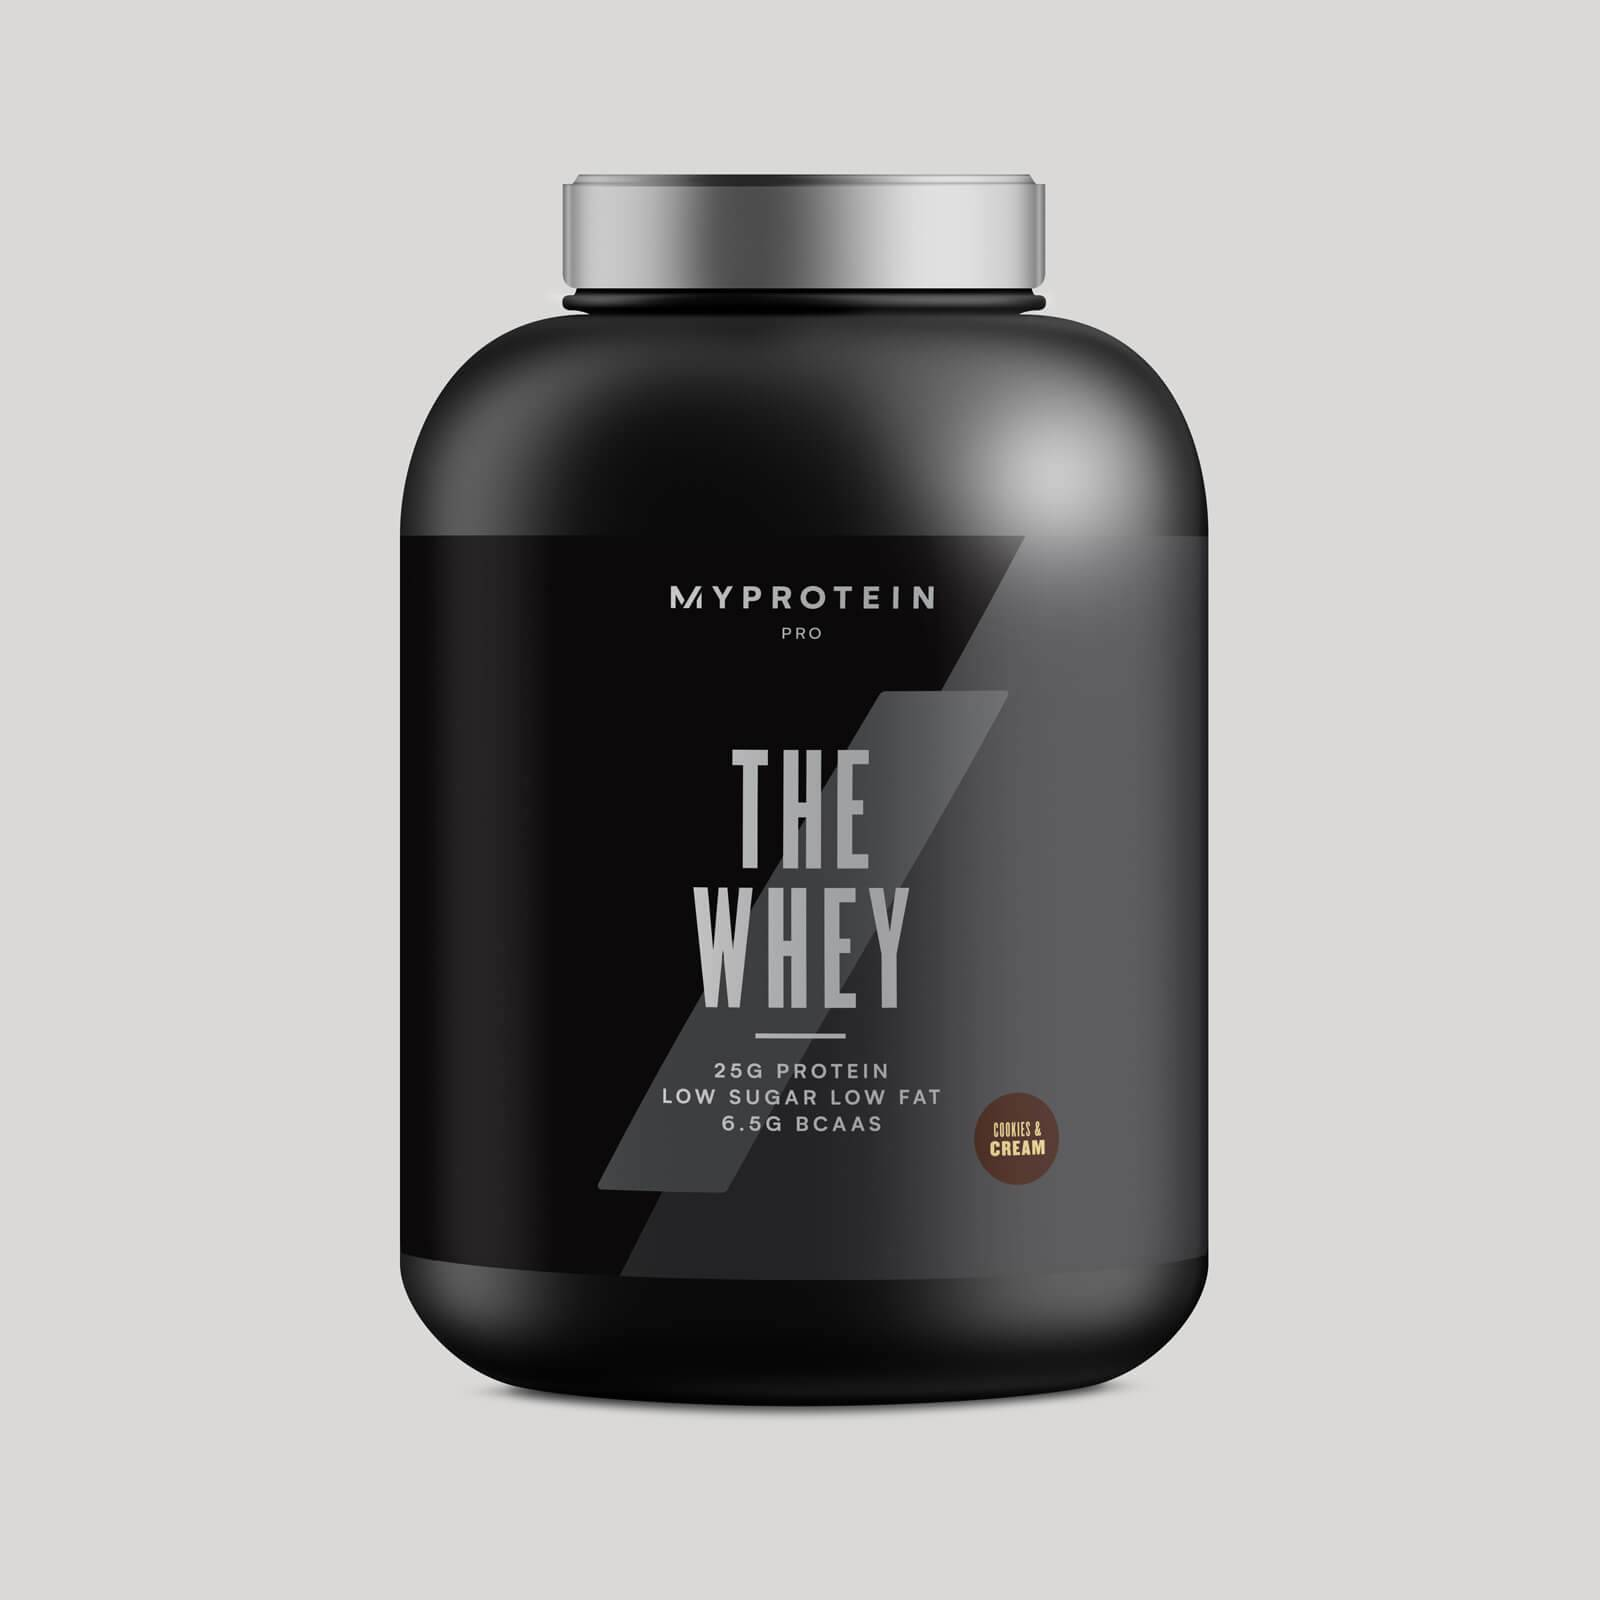 Myprotein THE Whey - 60 Servings - 1.8kg - Cookies n